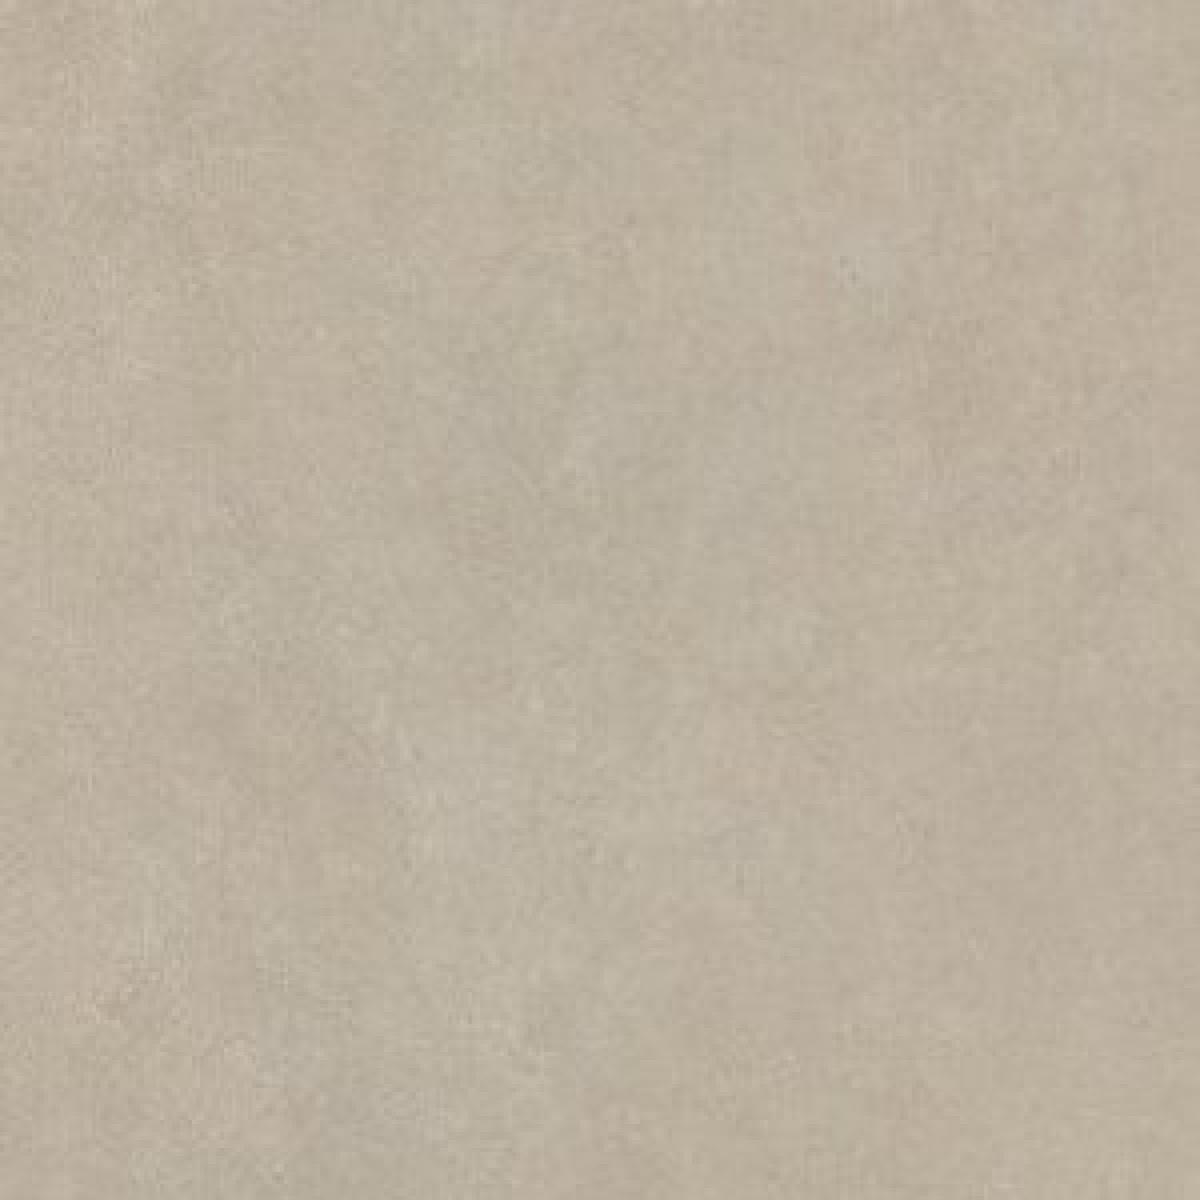 Płytka podłogowa Ceramika Limone Qubus Soft Grey 33x33cm limQubSofGre33x33 @